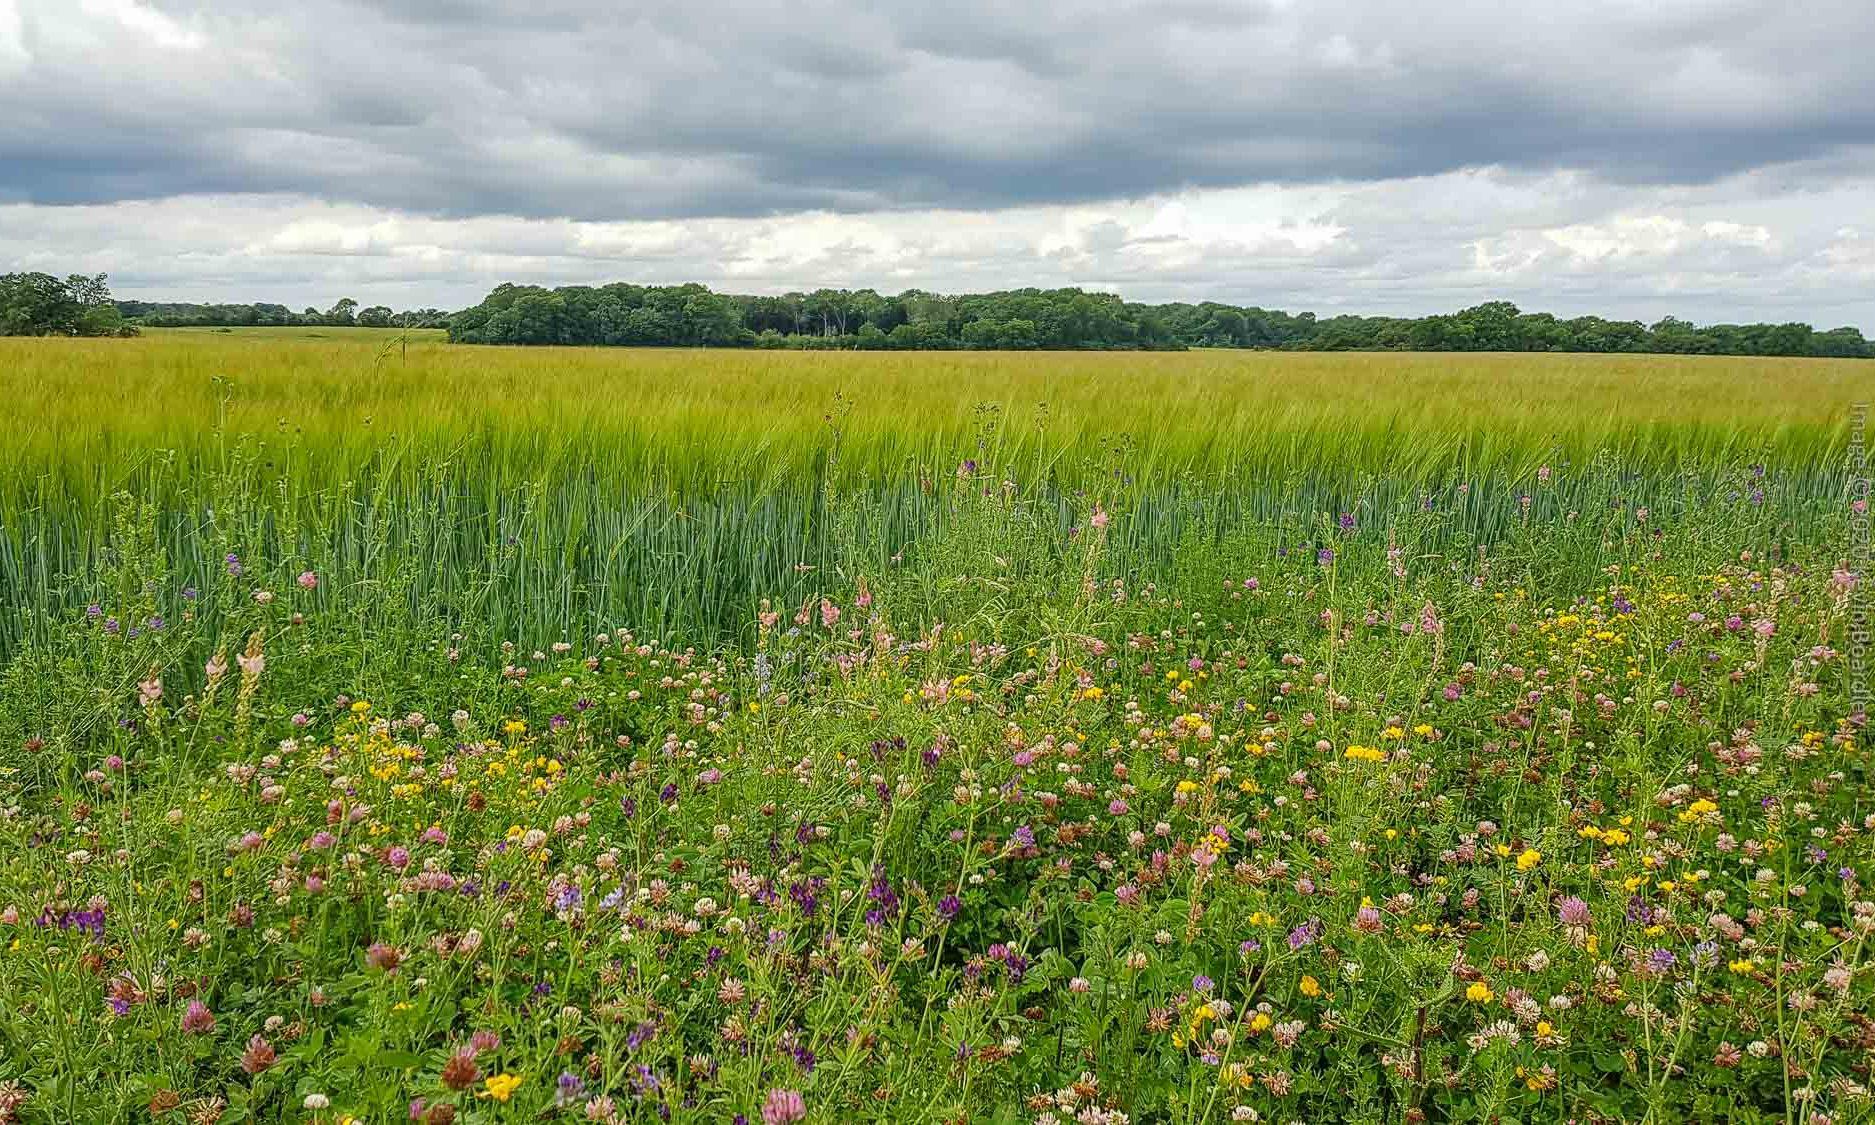 Arable wildflower margin alongside wheat field